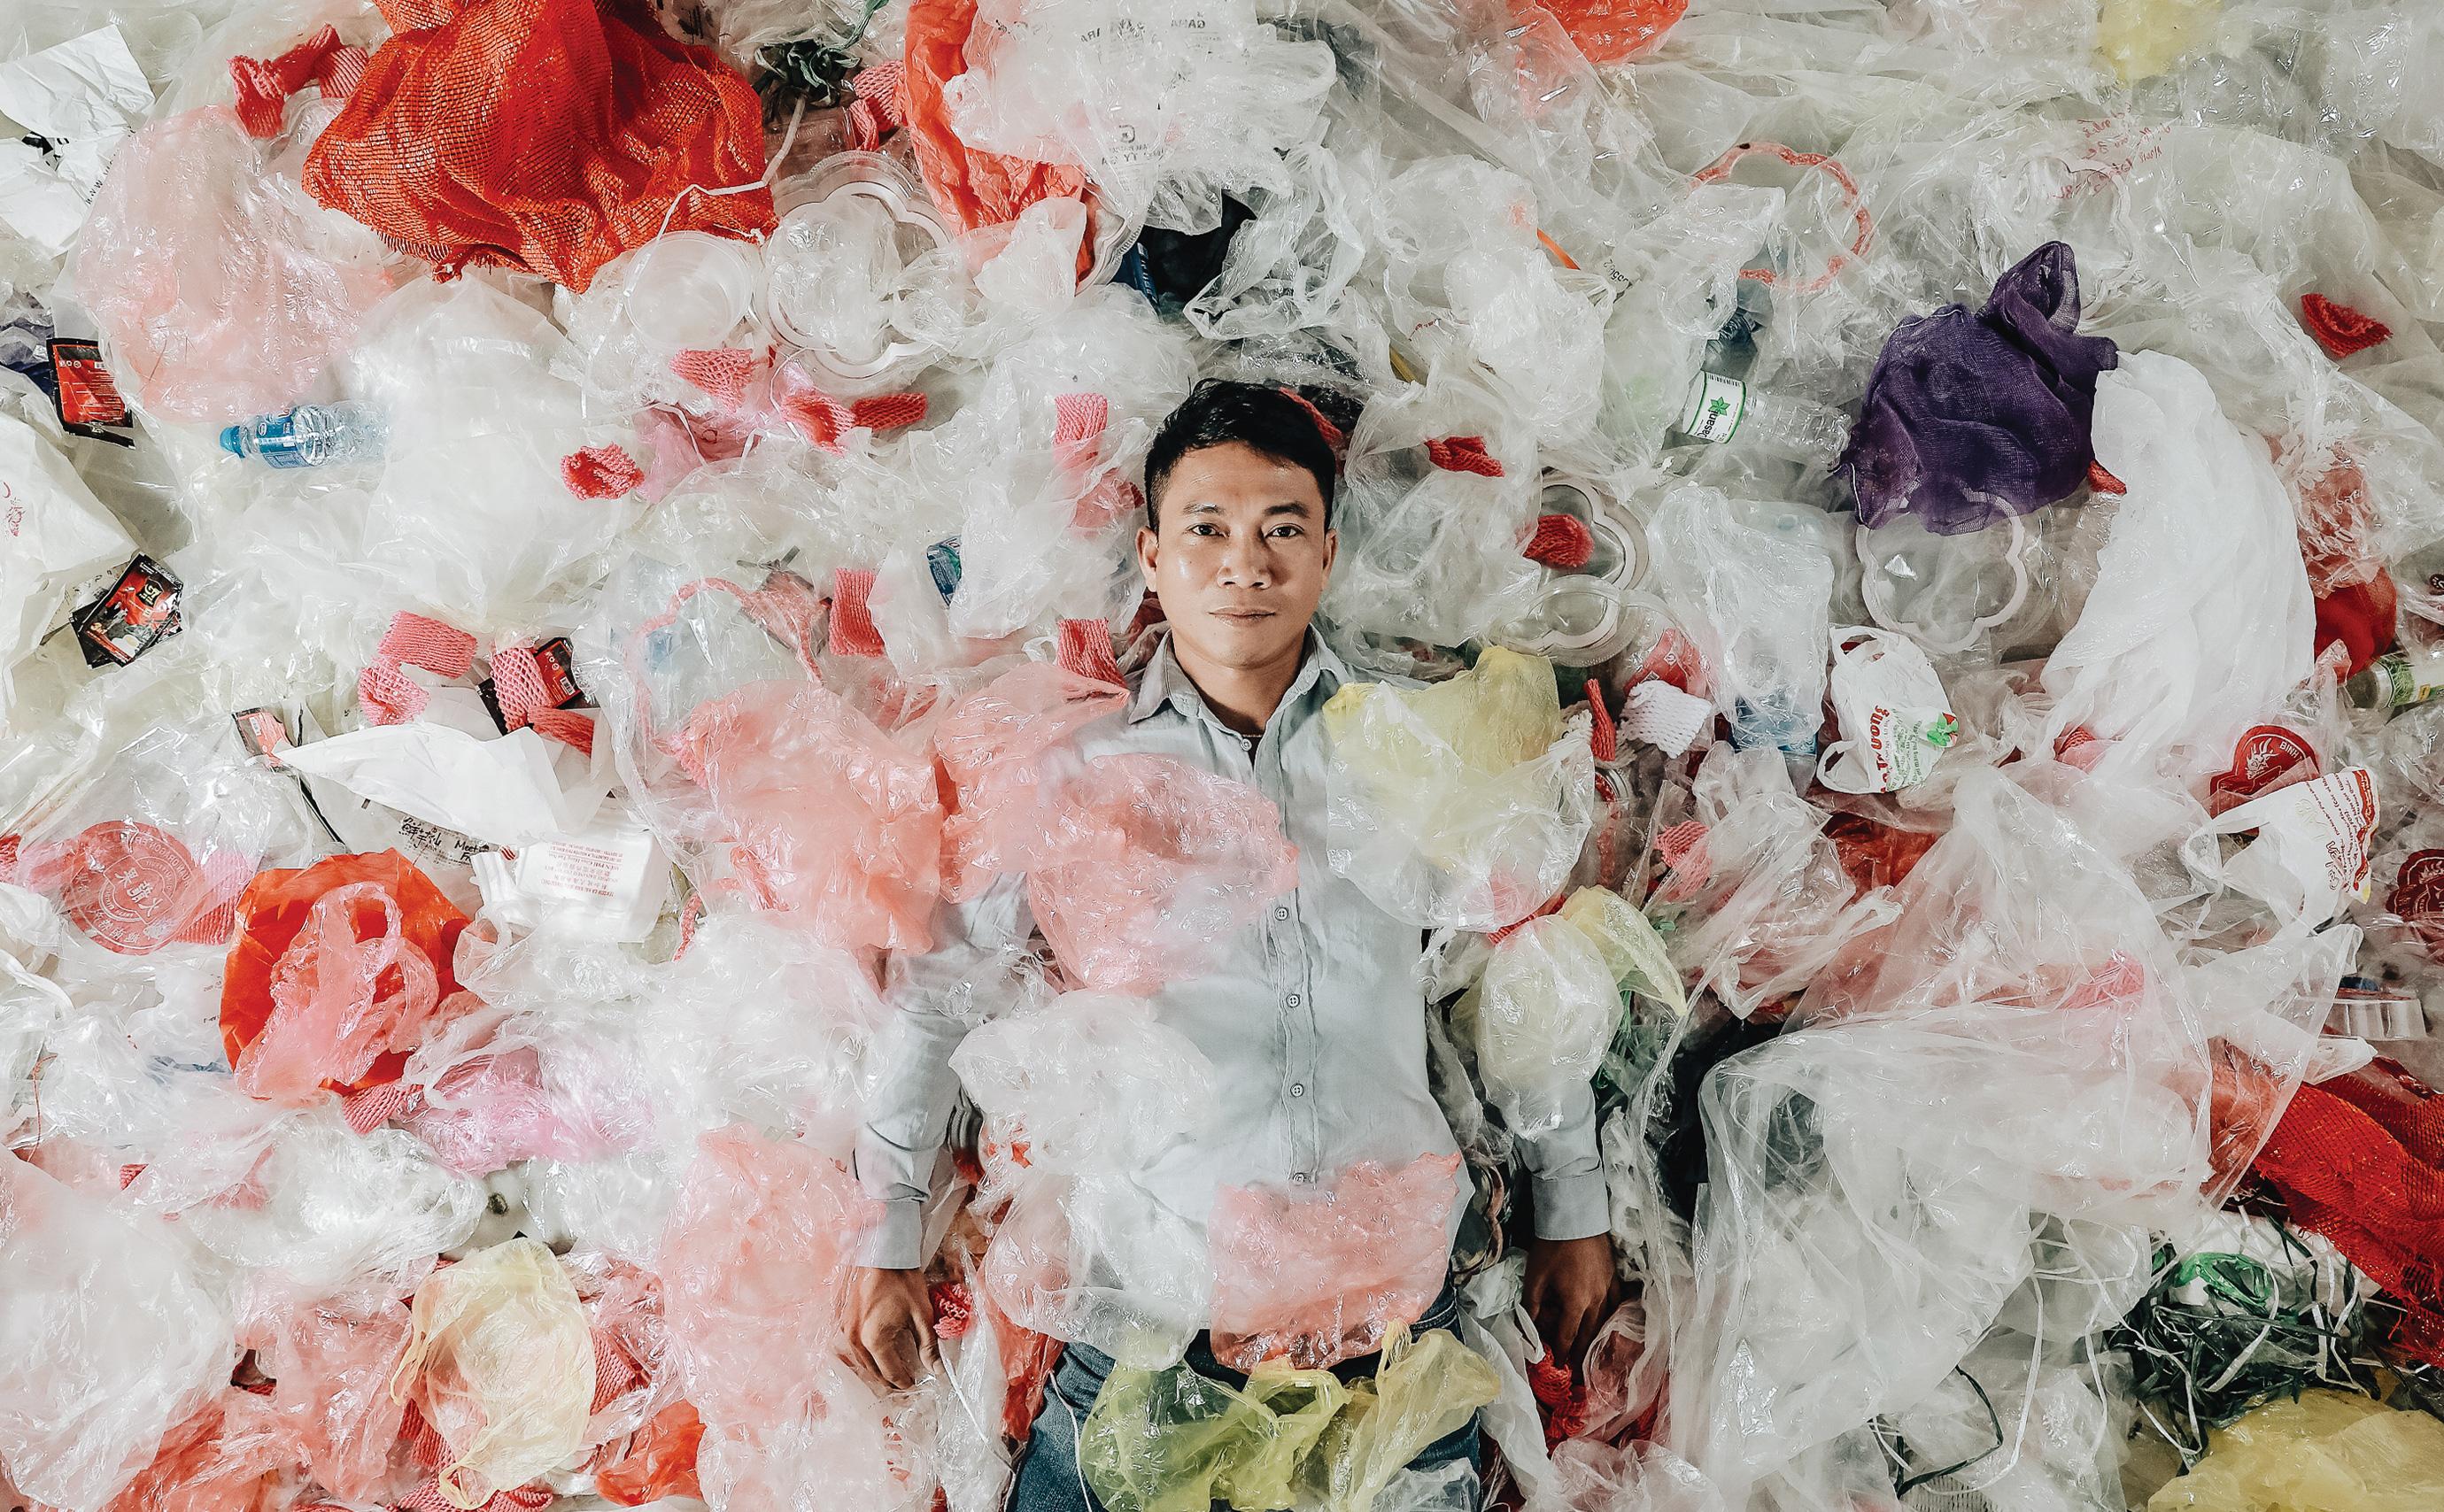 Hành trình cứu biển của nhiếp ảnh gia đi xe máy hơn 7.000km, chụp 3.000 bức ảnh về rác thải nhựa: Hãy mơ cùng nhau một giấc mơ! - Ảnh 16.